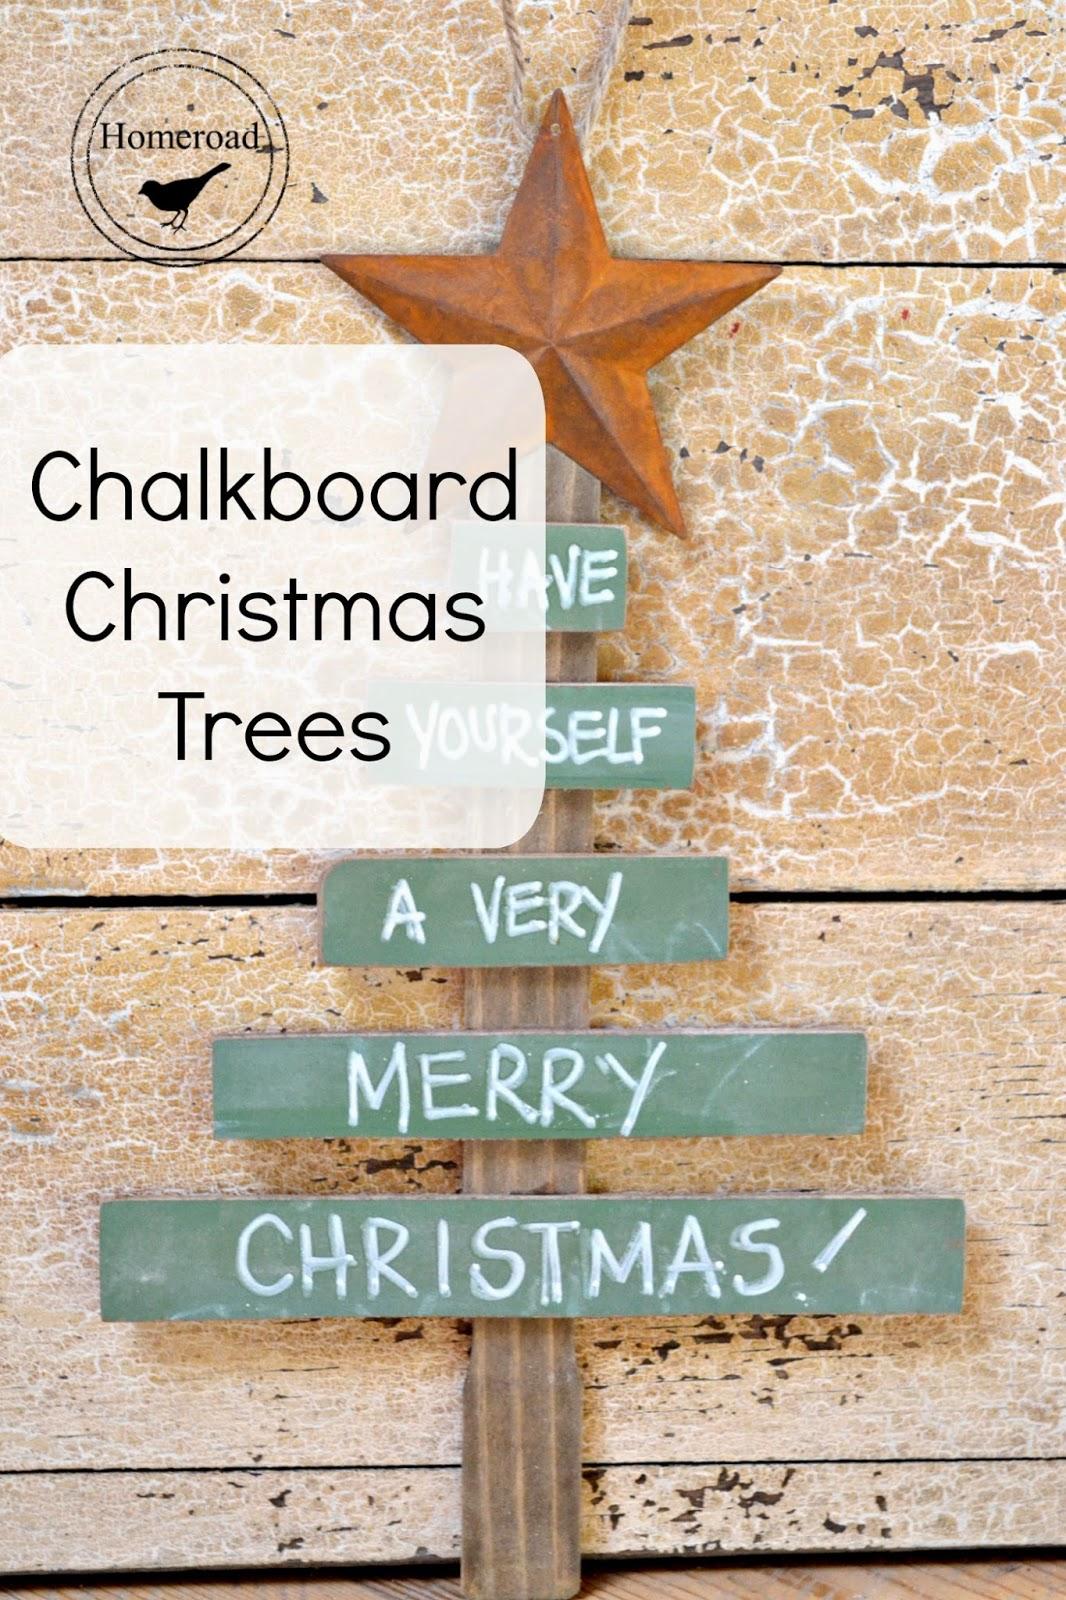 Chalkboard-christmas-trees www.homeroad.net